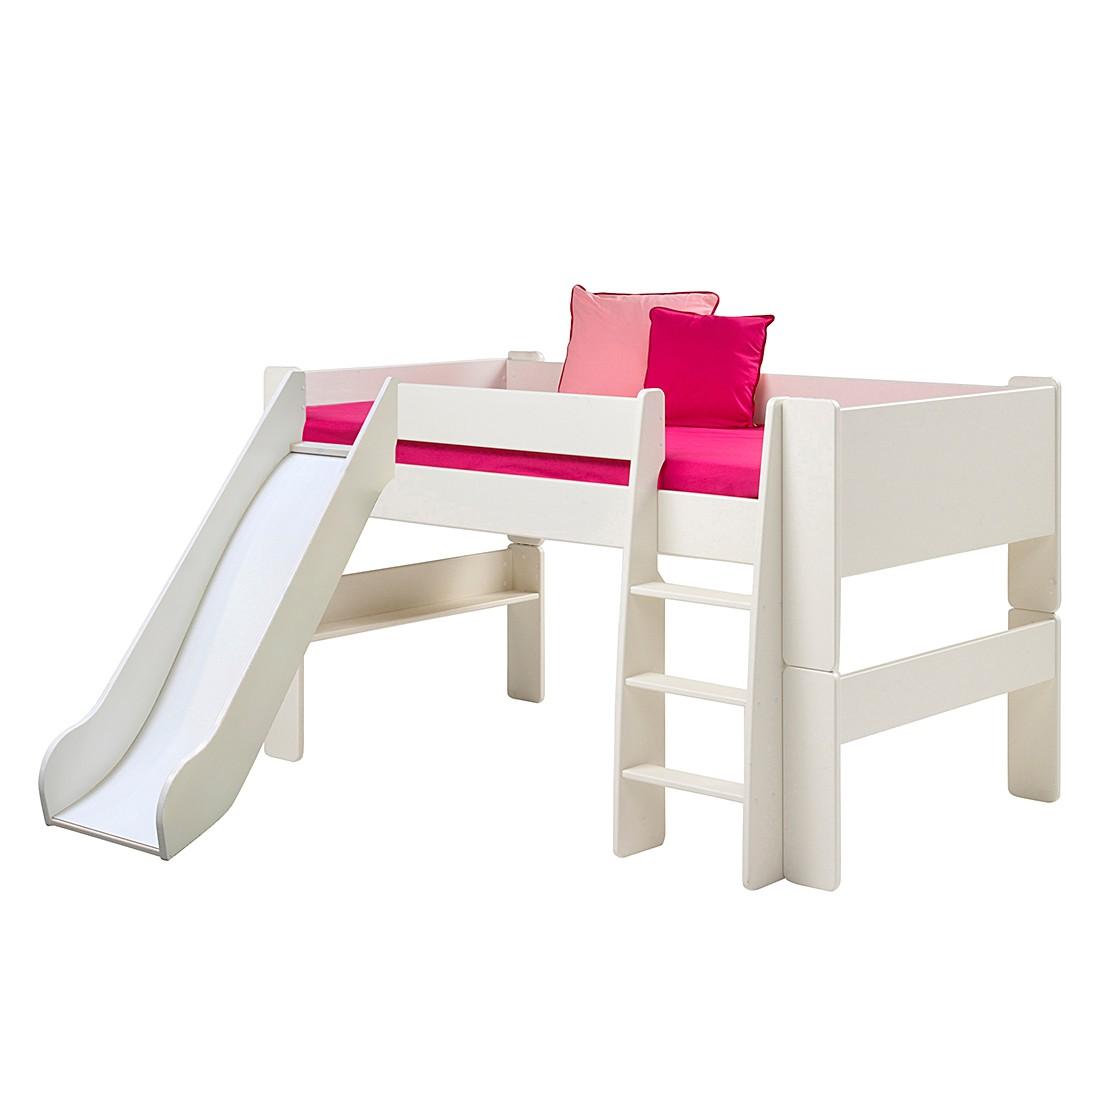 Halbhochbett Steens for Kids (mit Rutsche) - Weiß, Steens